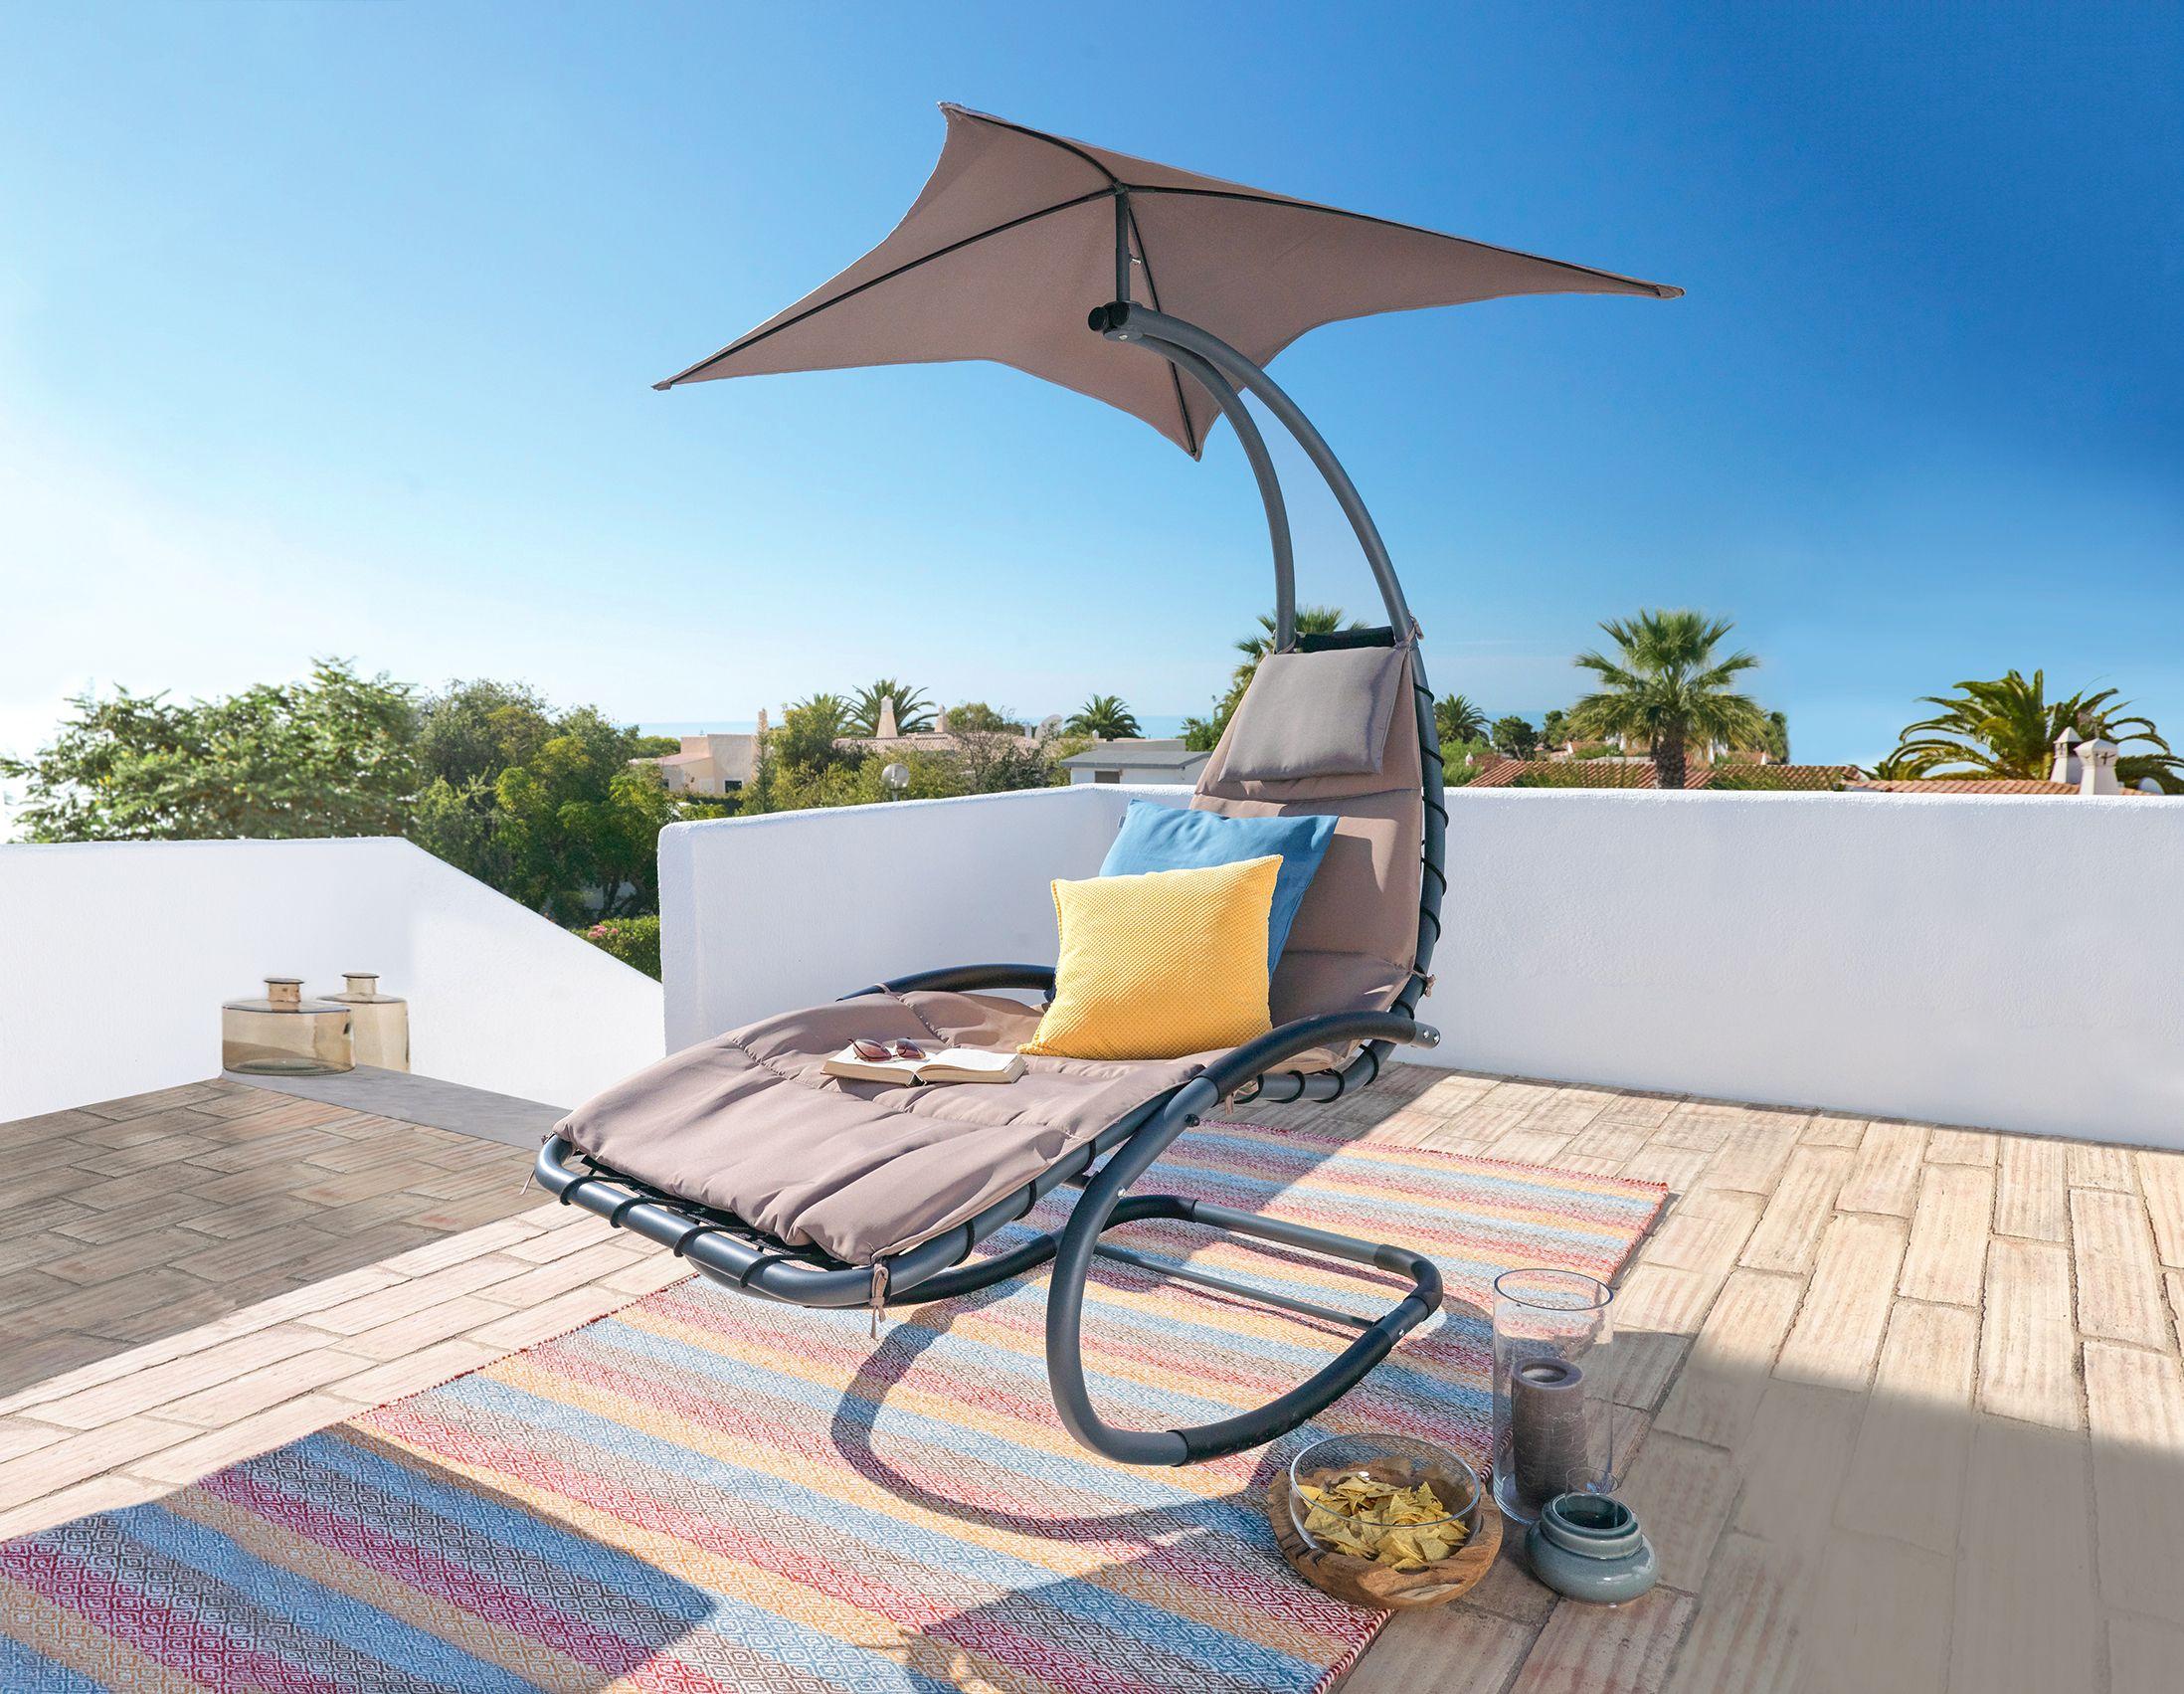 Schaukel Liege Mit Sonnendach   Entspannung Garantiert   Garten Möbel Ideen